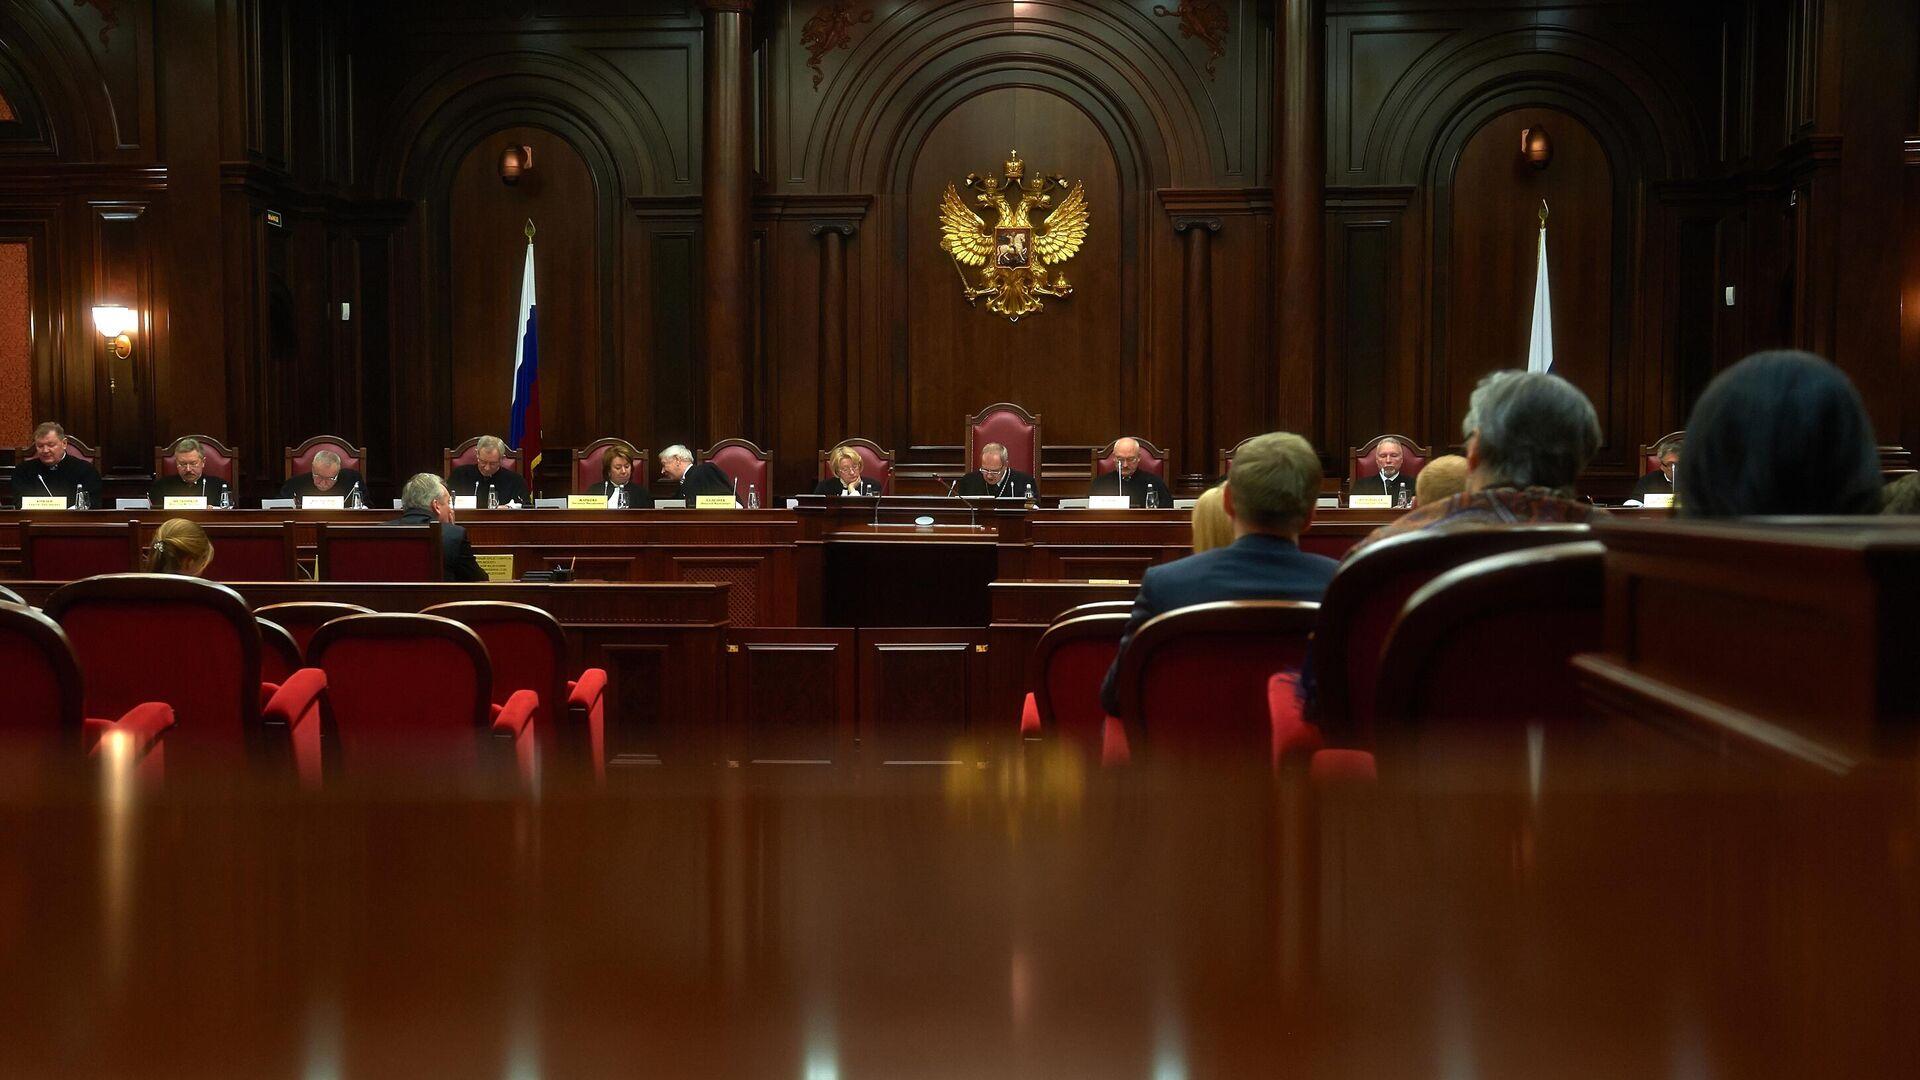 Заседание Конституционного суда РФ - РИА Новости, 1920, 17.11.2020